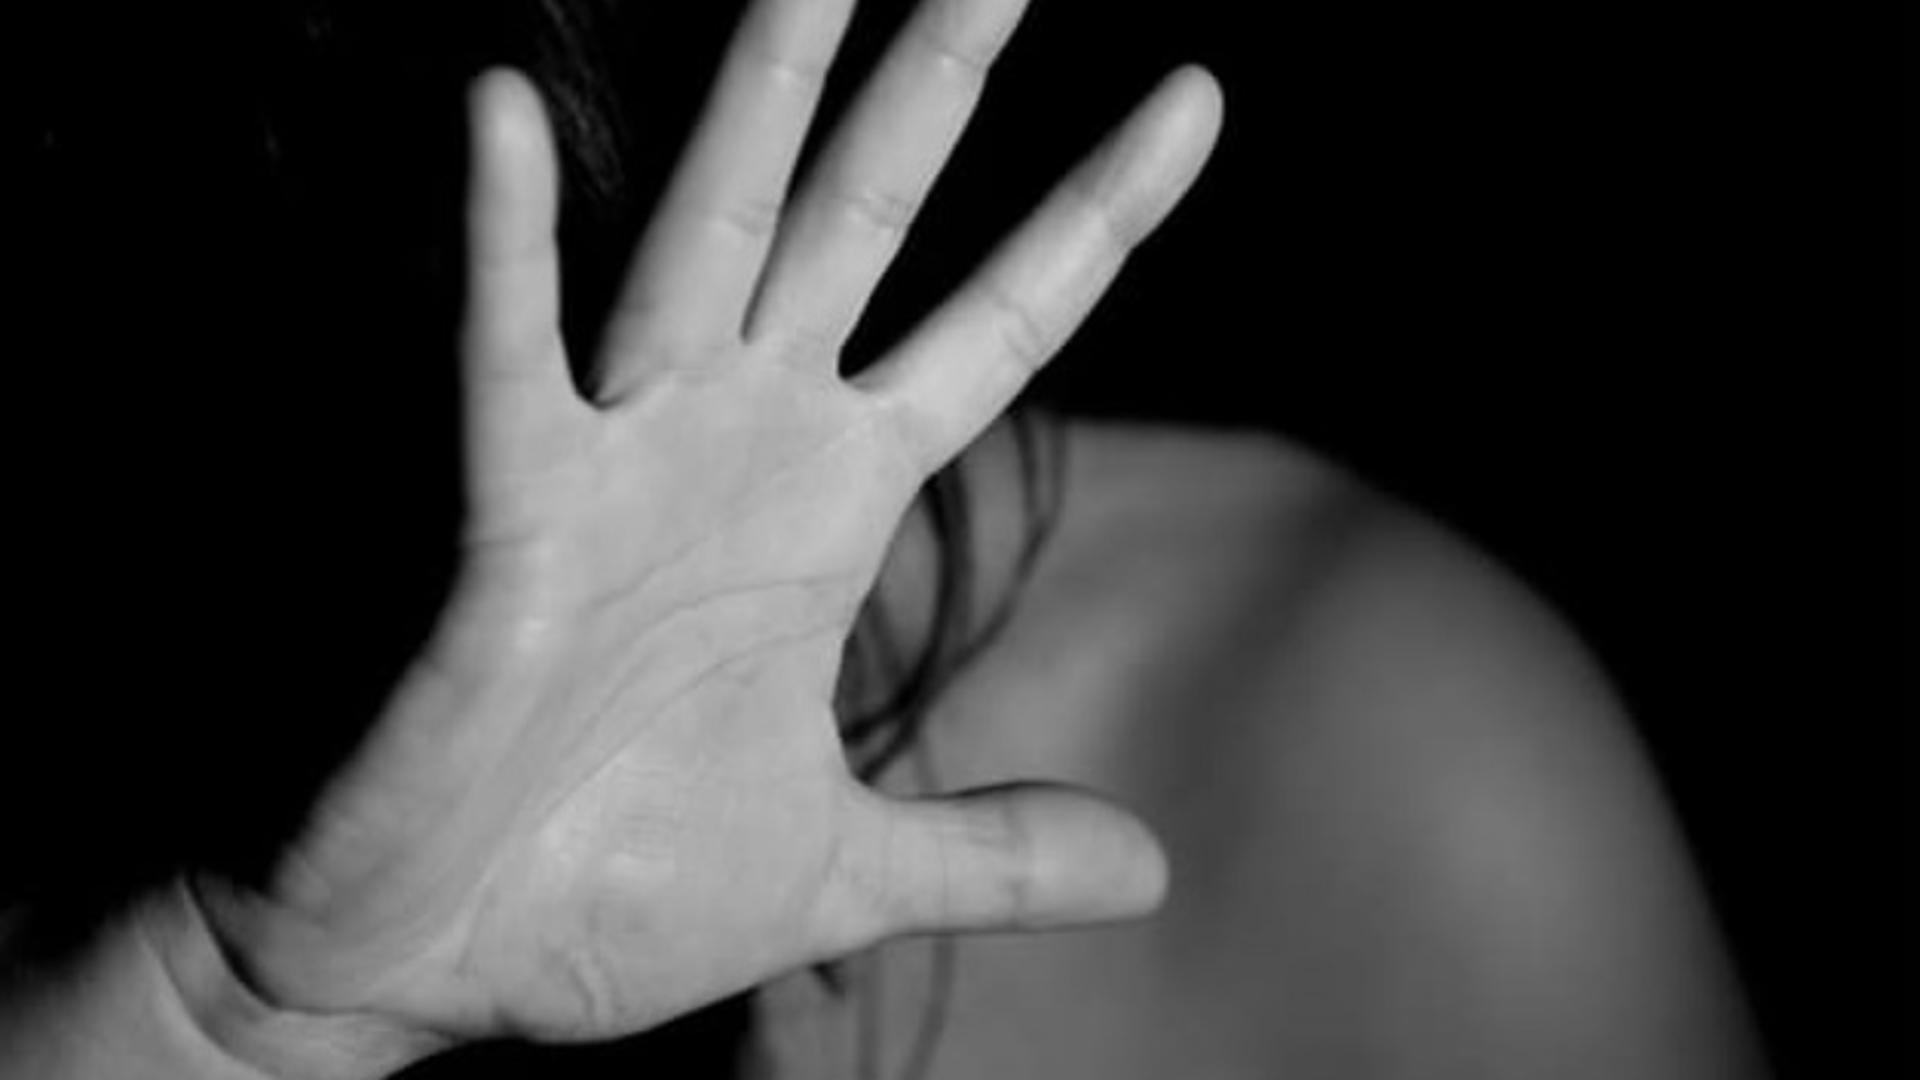 Legea pentru descurajarea violenței domestice